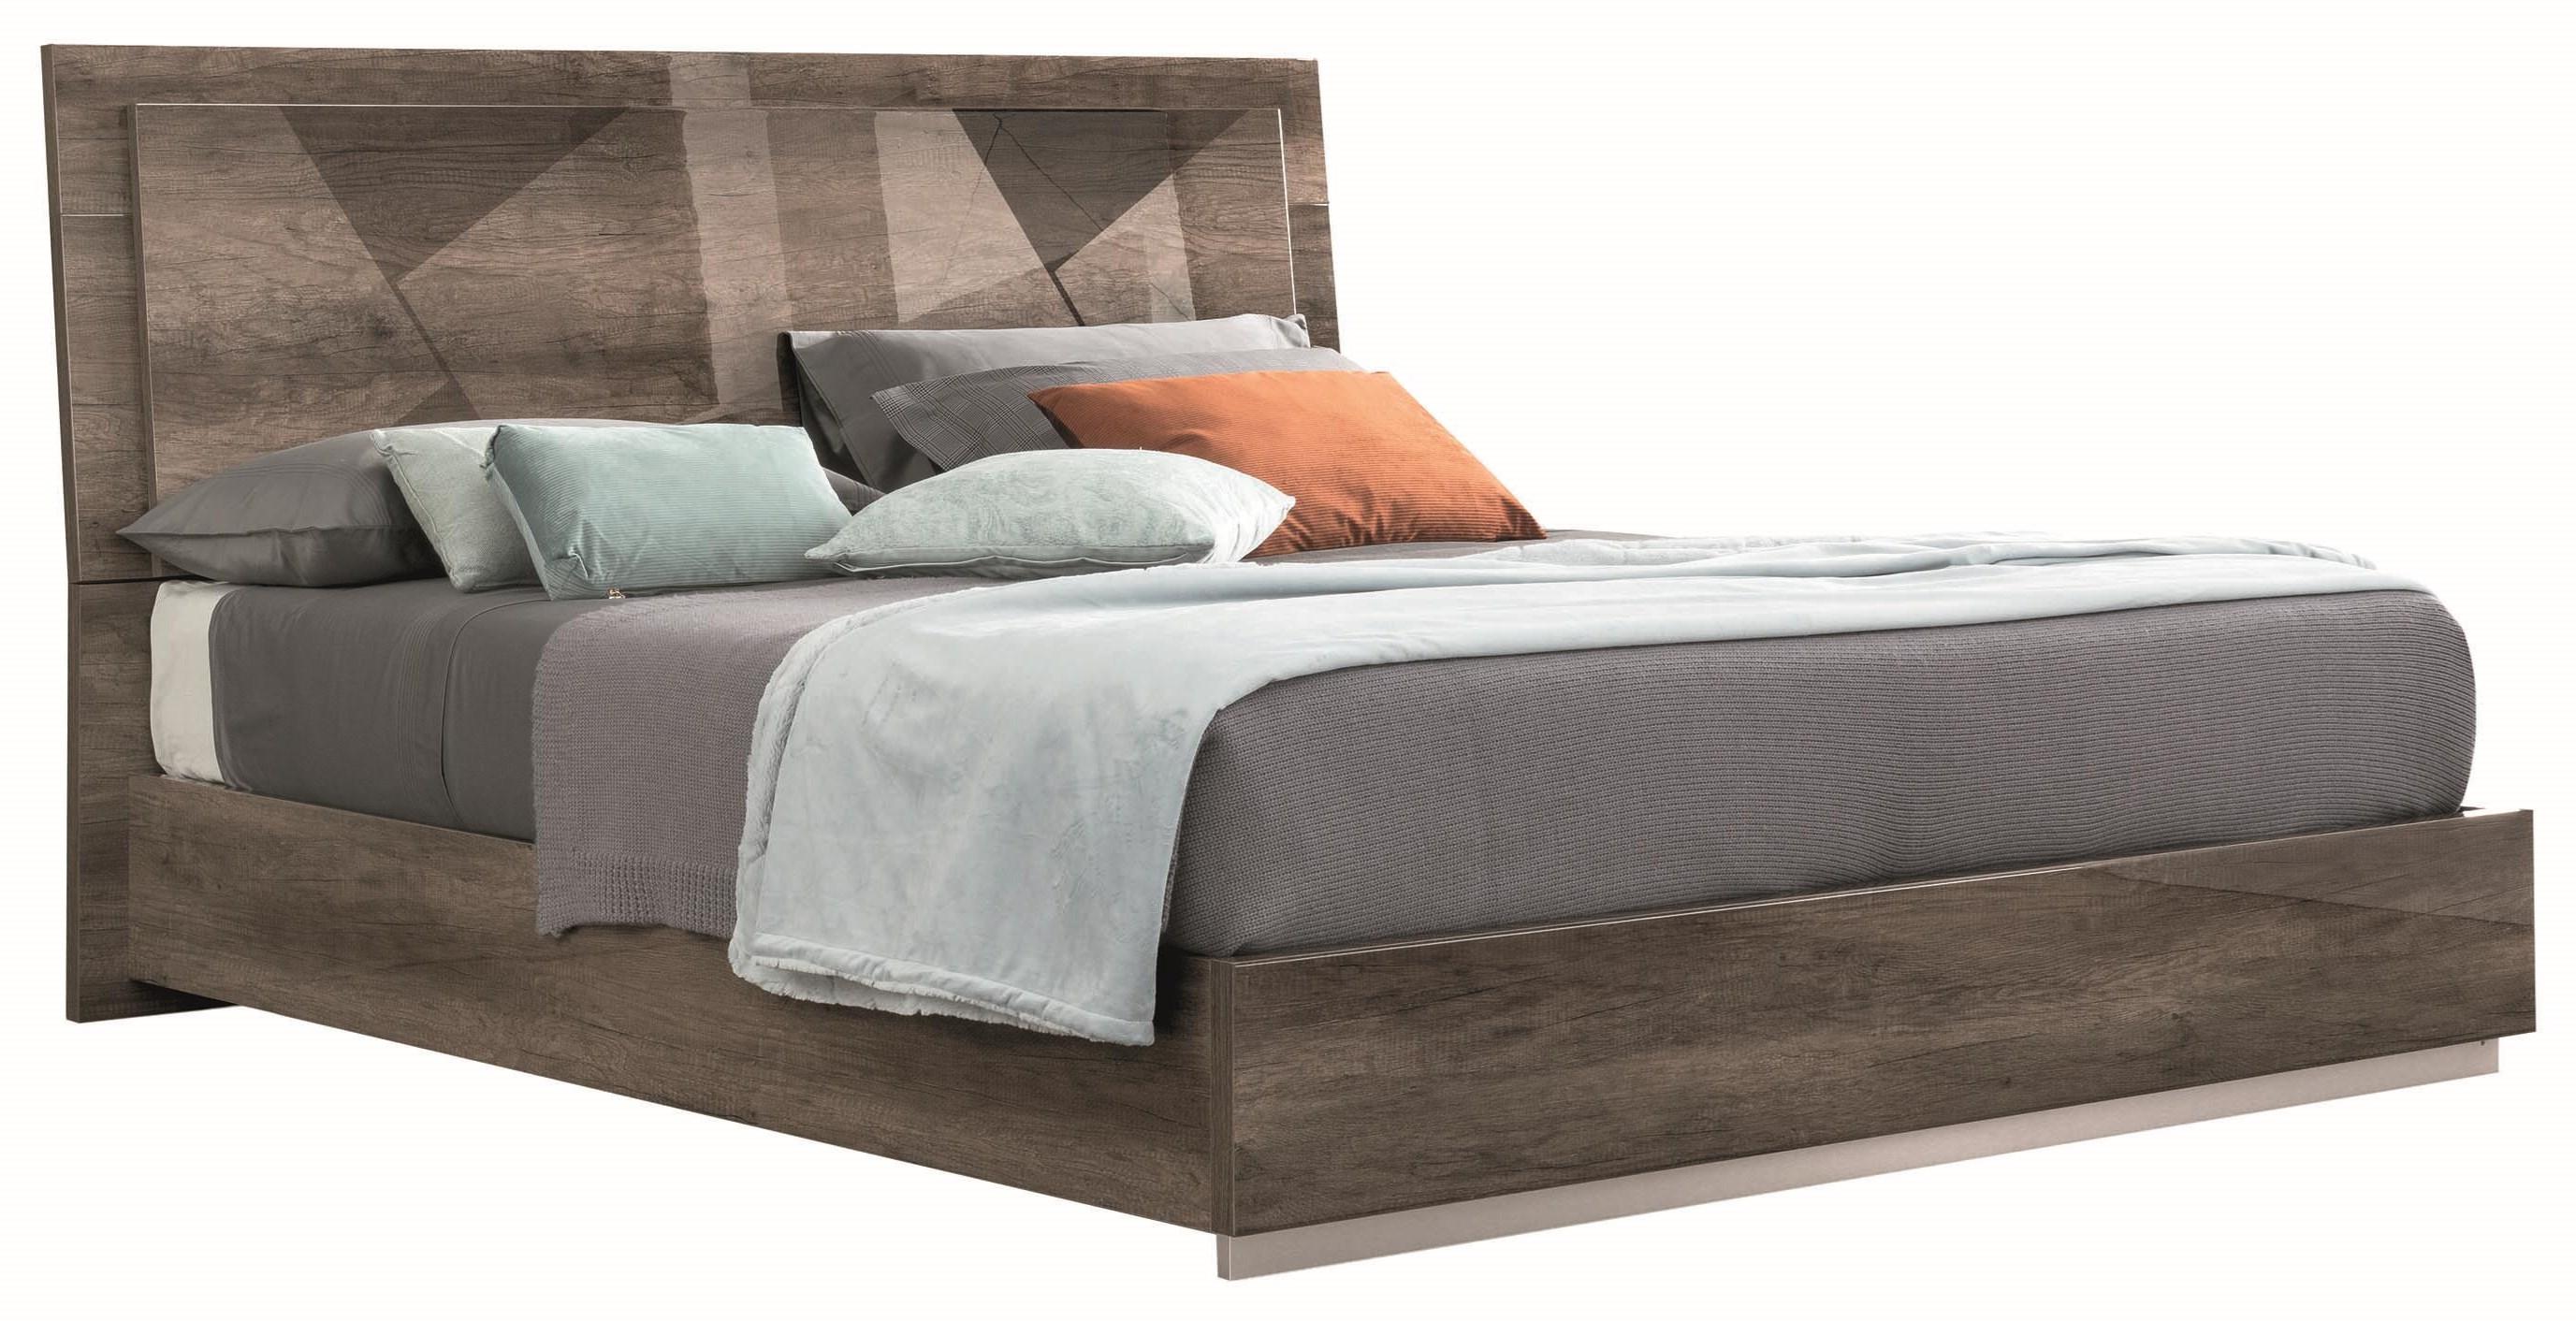 Favignana King Bed by Alf Italia at HomeWorld Furniture